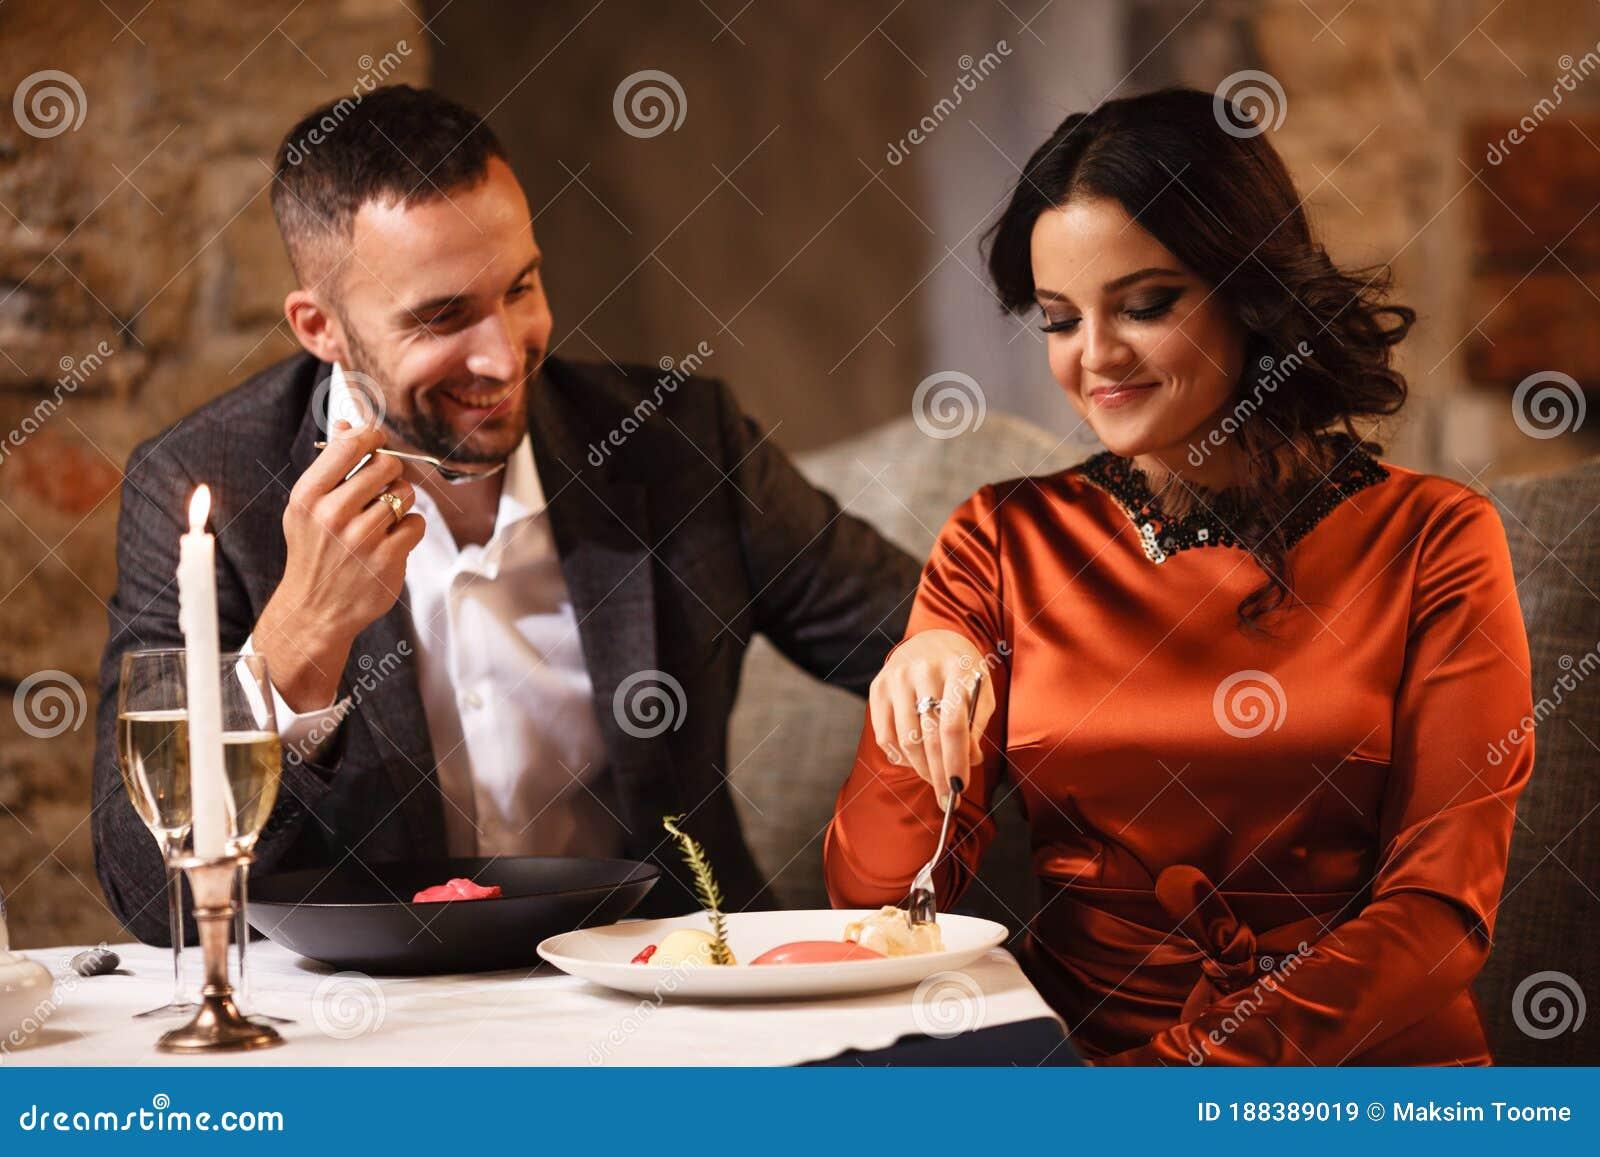 flt dating